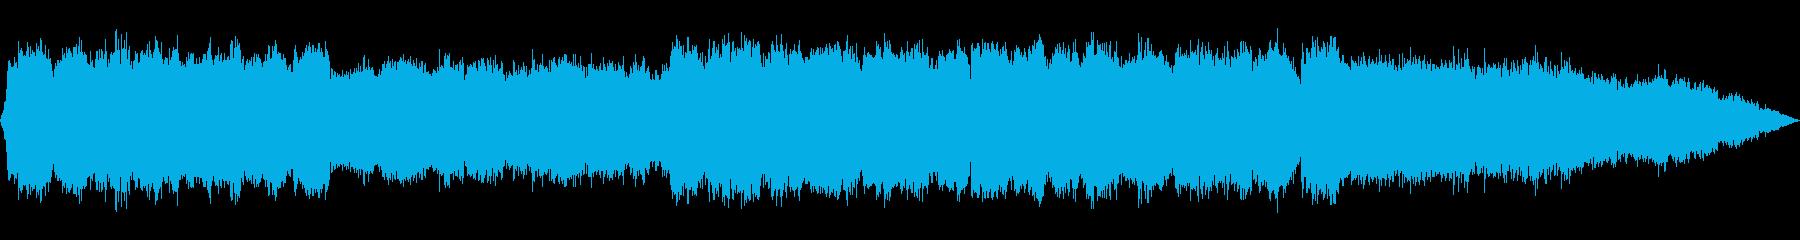 笛とシンセサイザーのヒーリング音楽の再生済みの波形